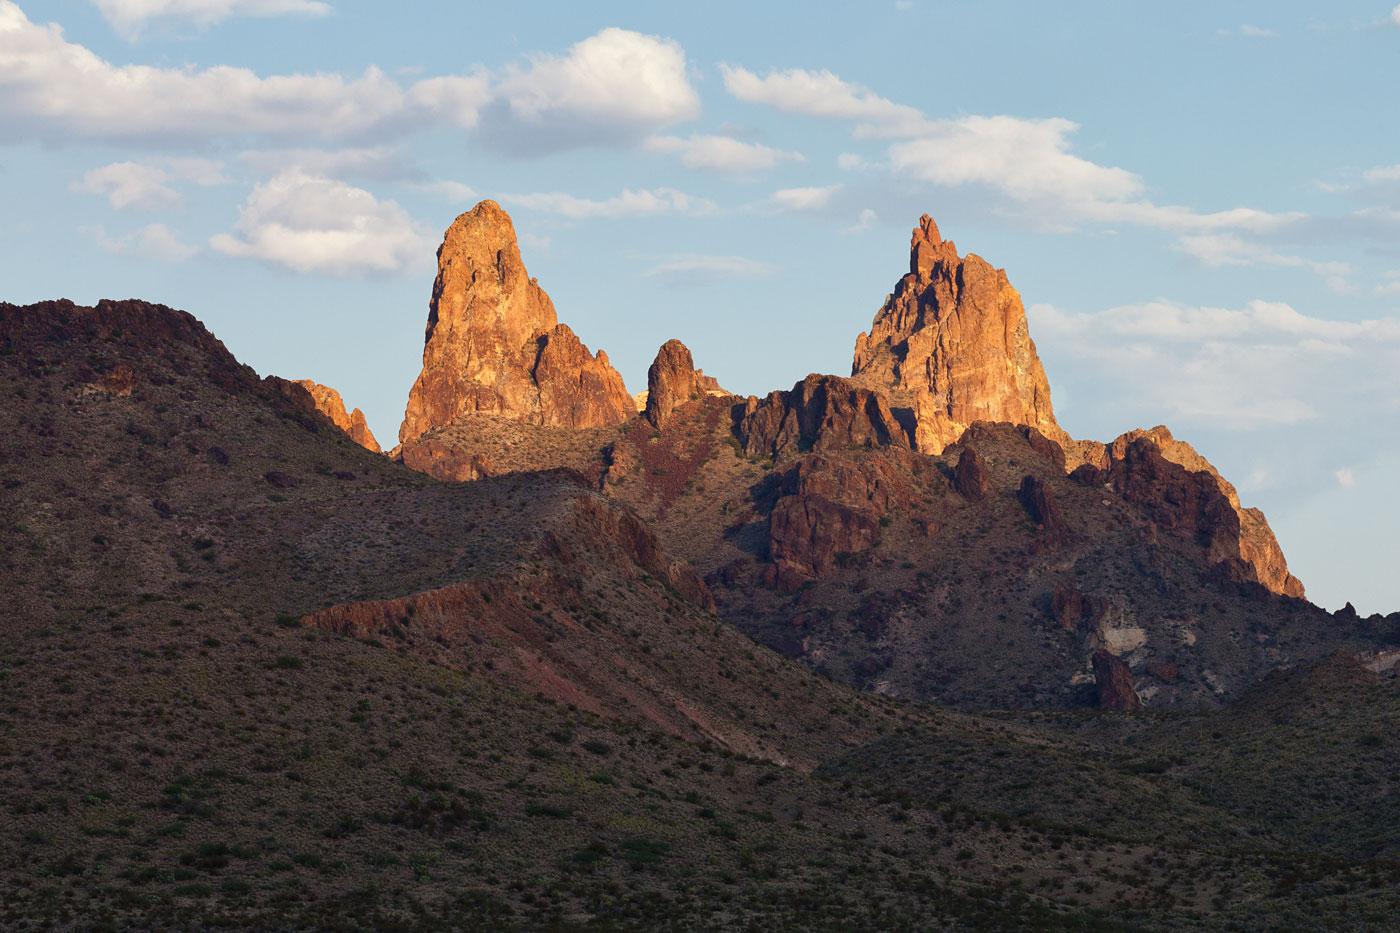 Big-Bend-National-Park-ABP-Mule-Ears-Peaks.jpg